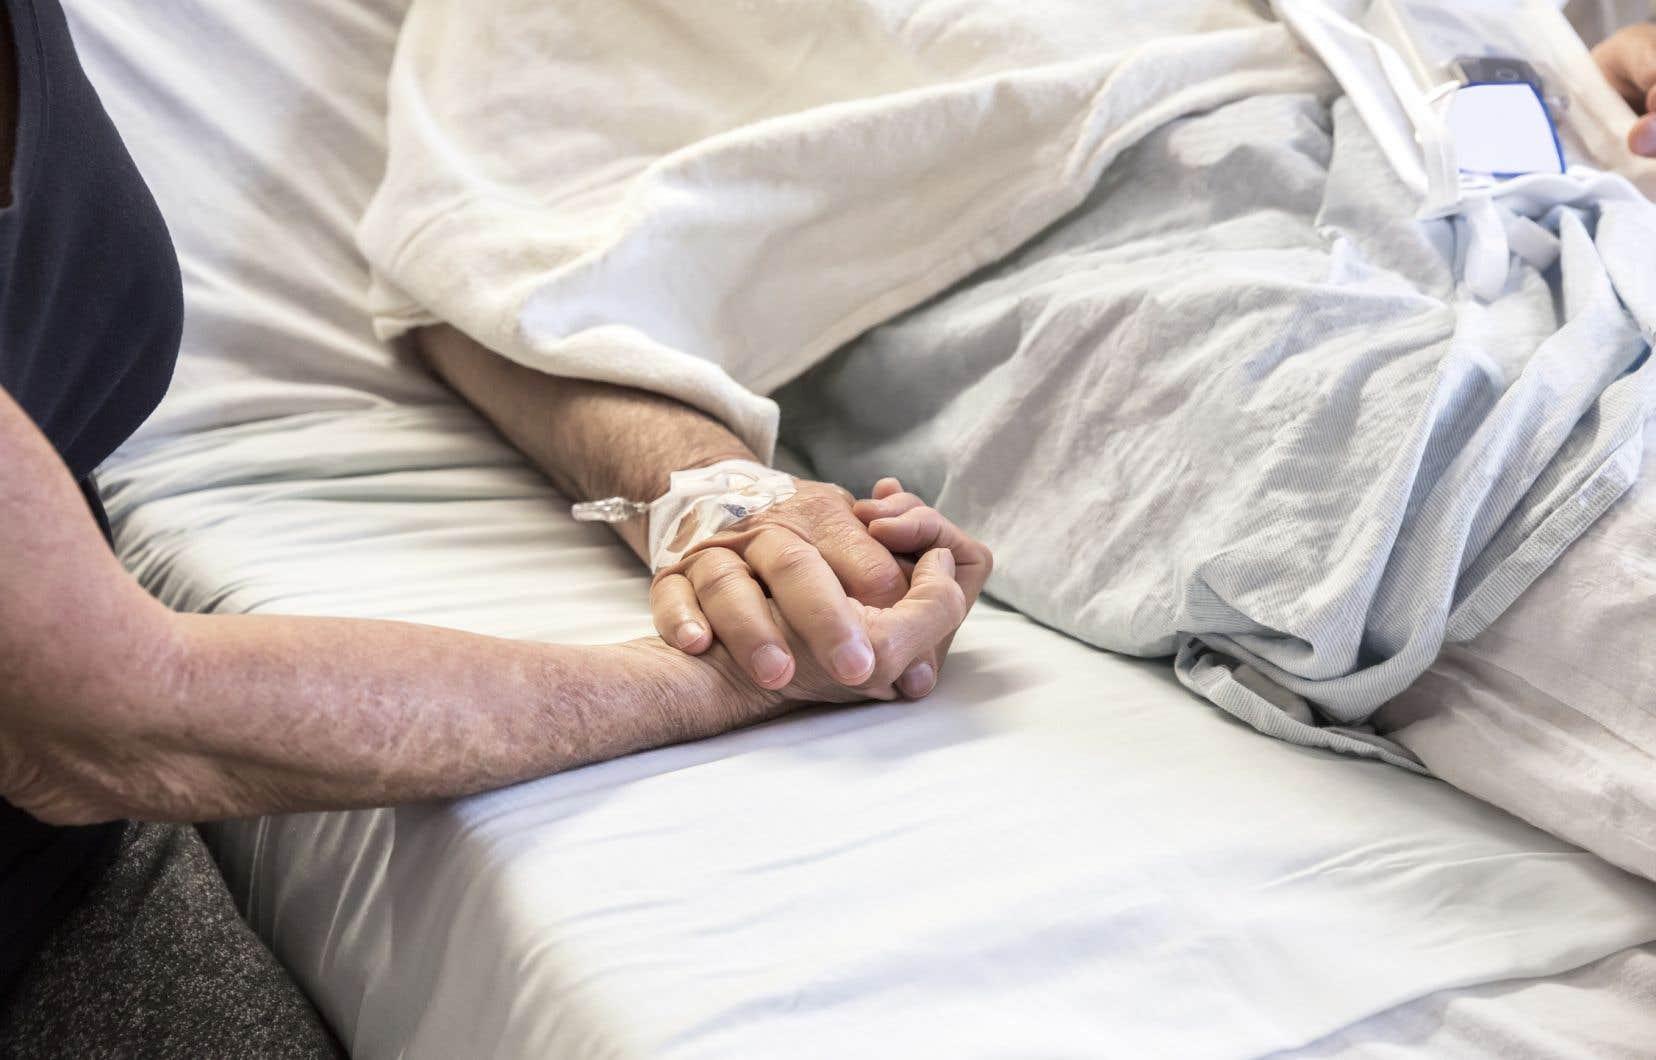 Près du quart des personnes qui avaient réclamé l'aide à mourir sont décédées avant d'y avoir eu accès.